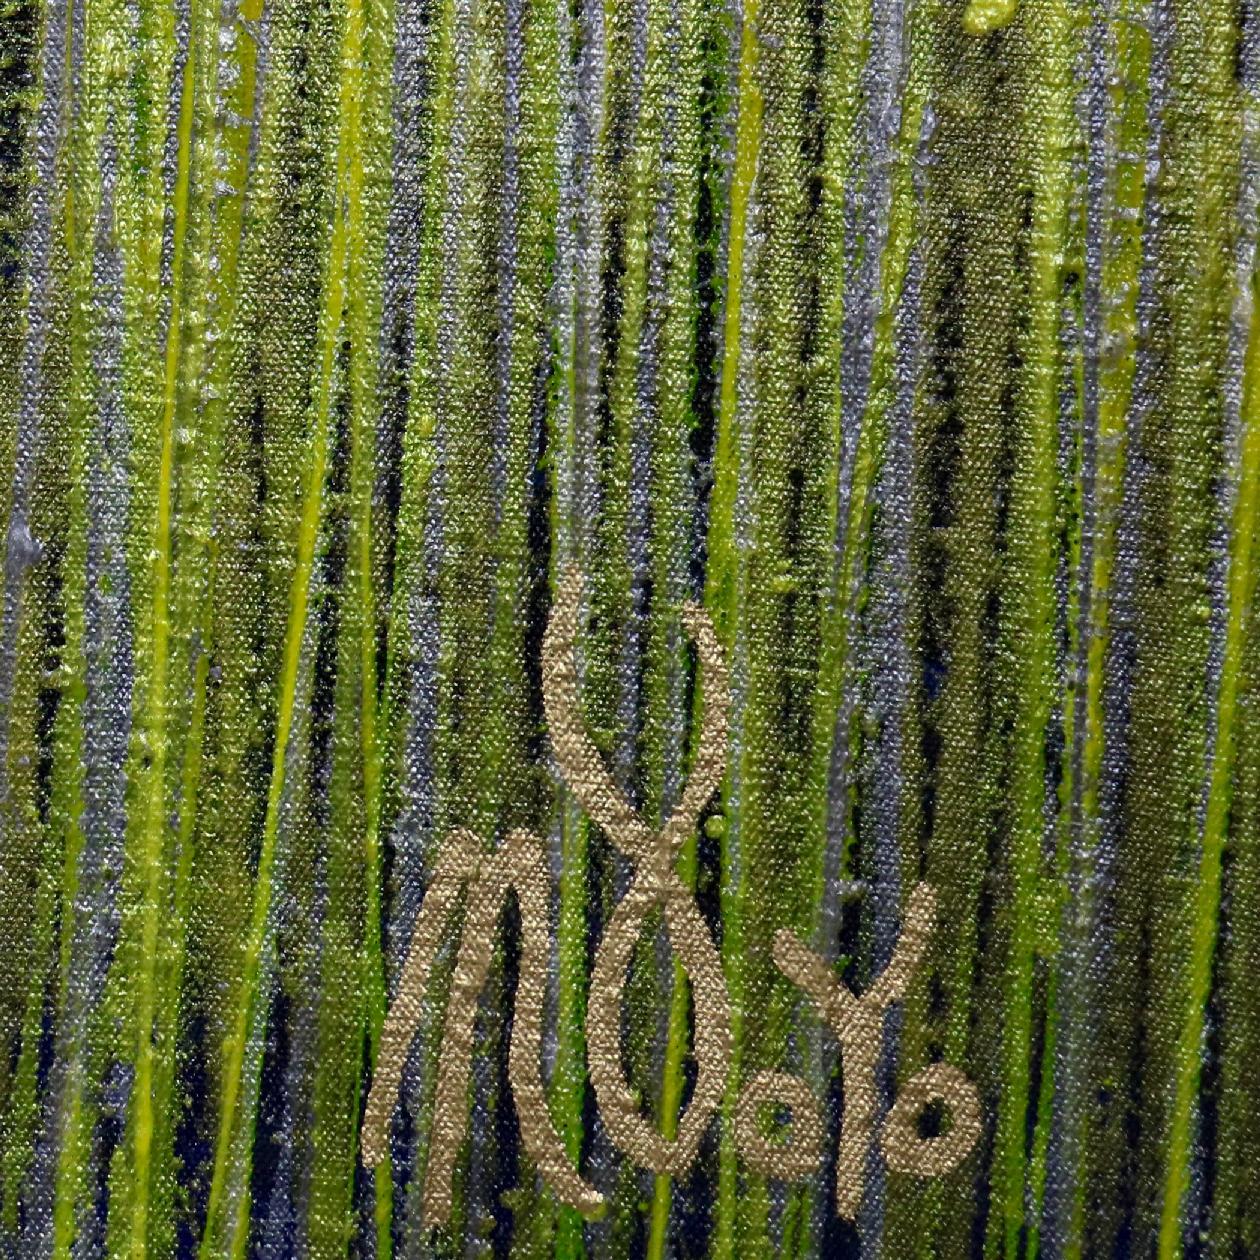 Signature - Detail - A closer look (Luminance garden) 3 (2020) by Nestor Toro